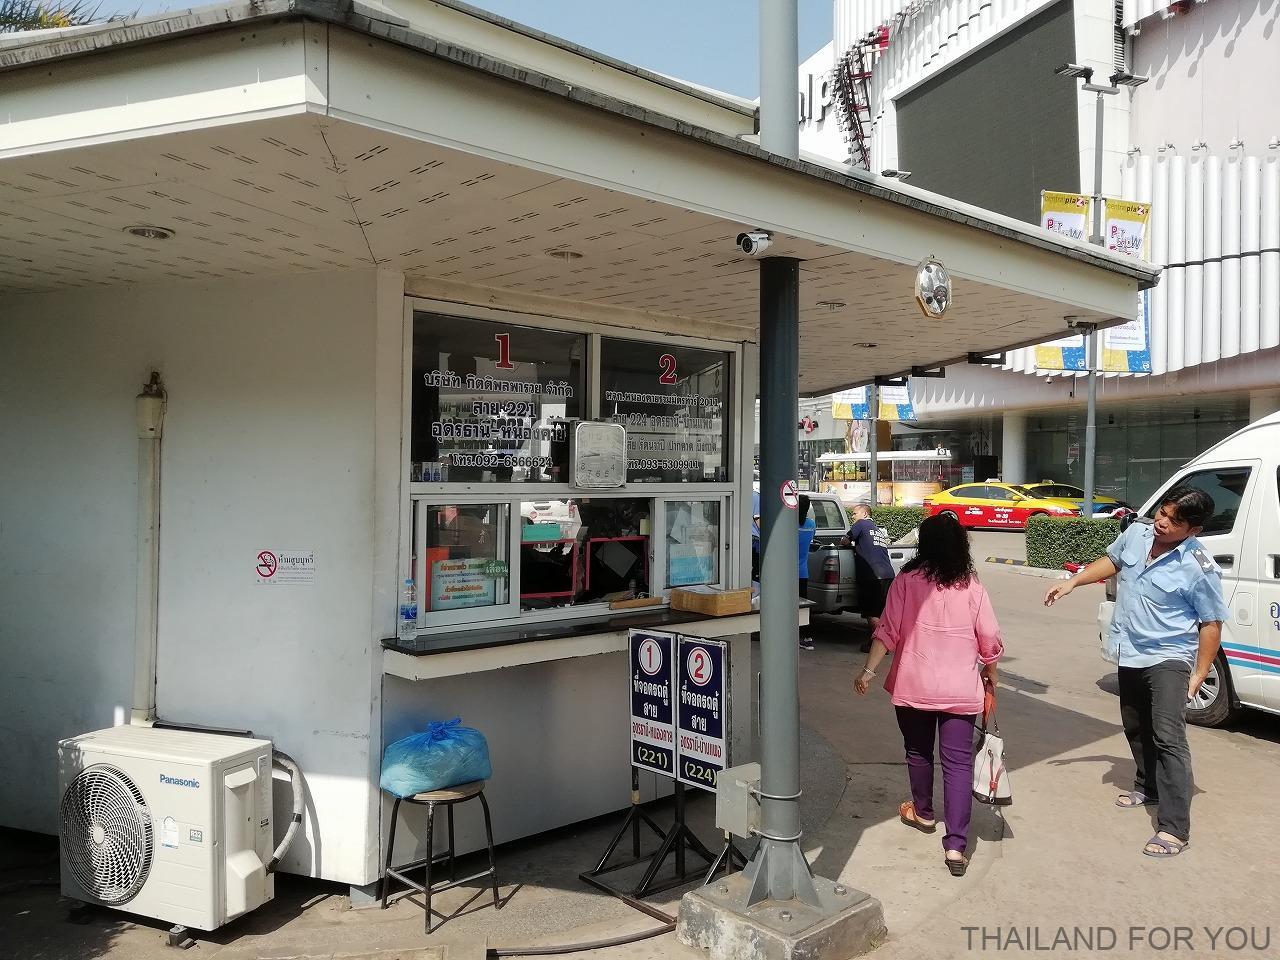 ウドンタニ コンケン ロットゥー ミニバス チケット売り場